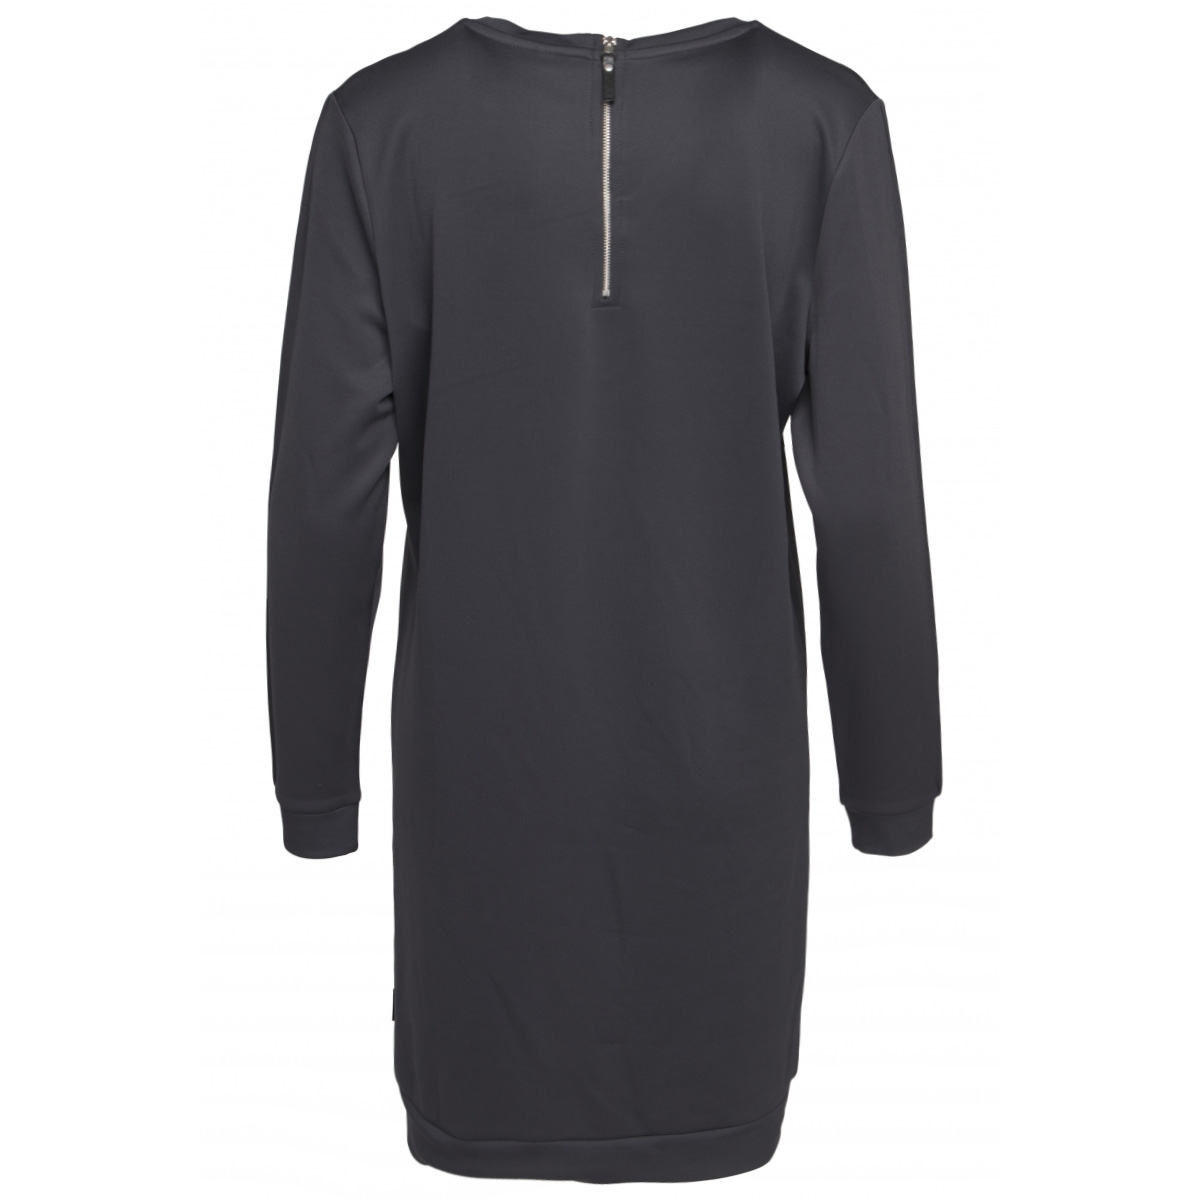 didi scuba modal dress 201 zoso jurk 0059 charcoal